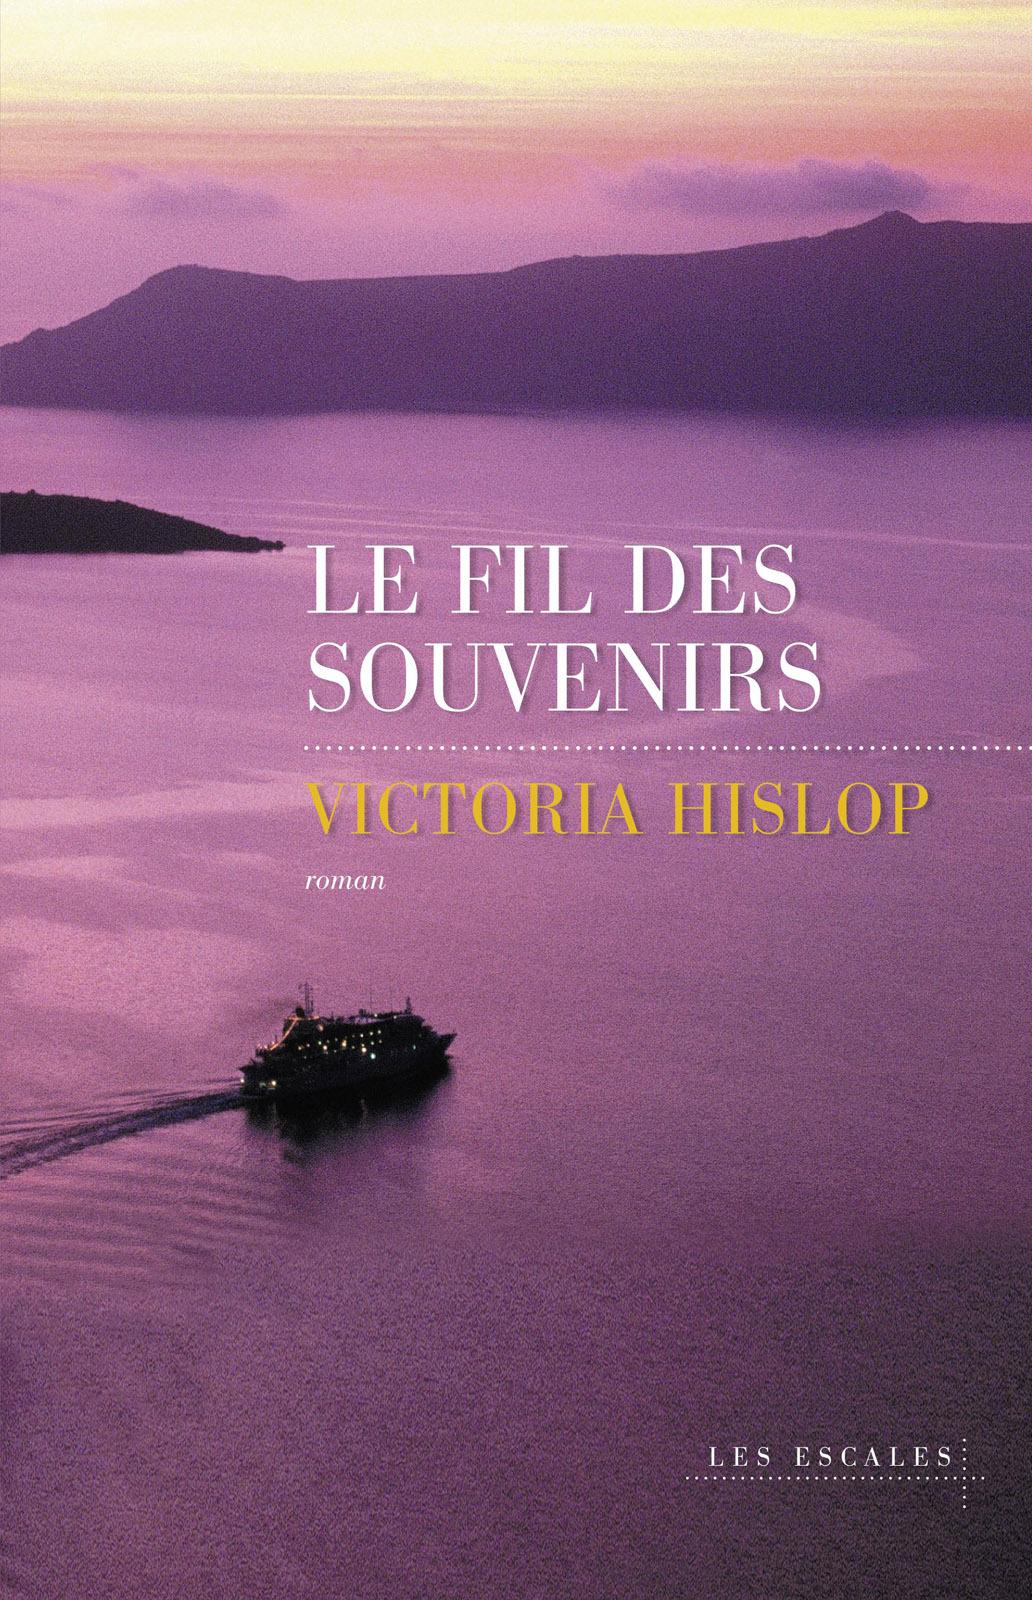 Le Fil des souvenirs | HISLOP, Victoria